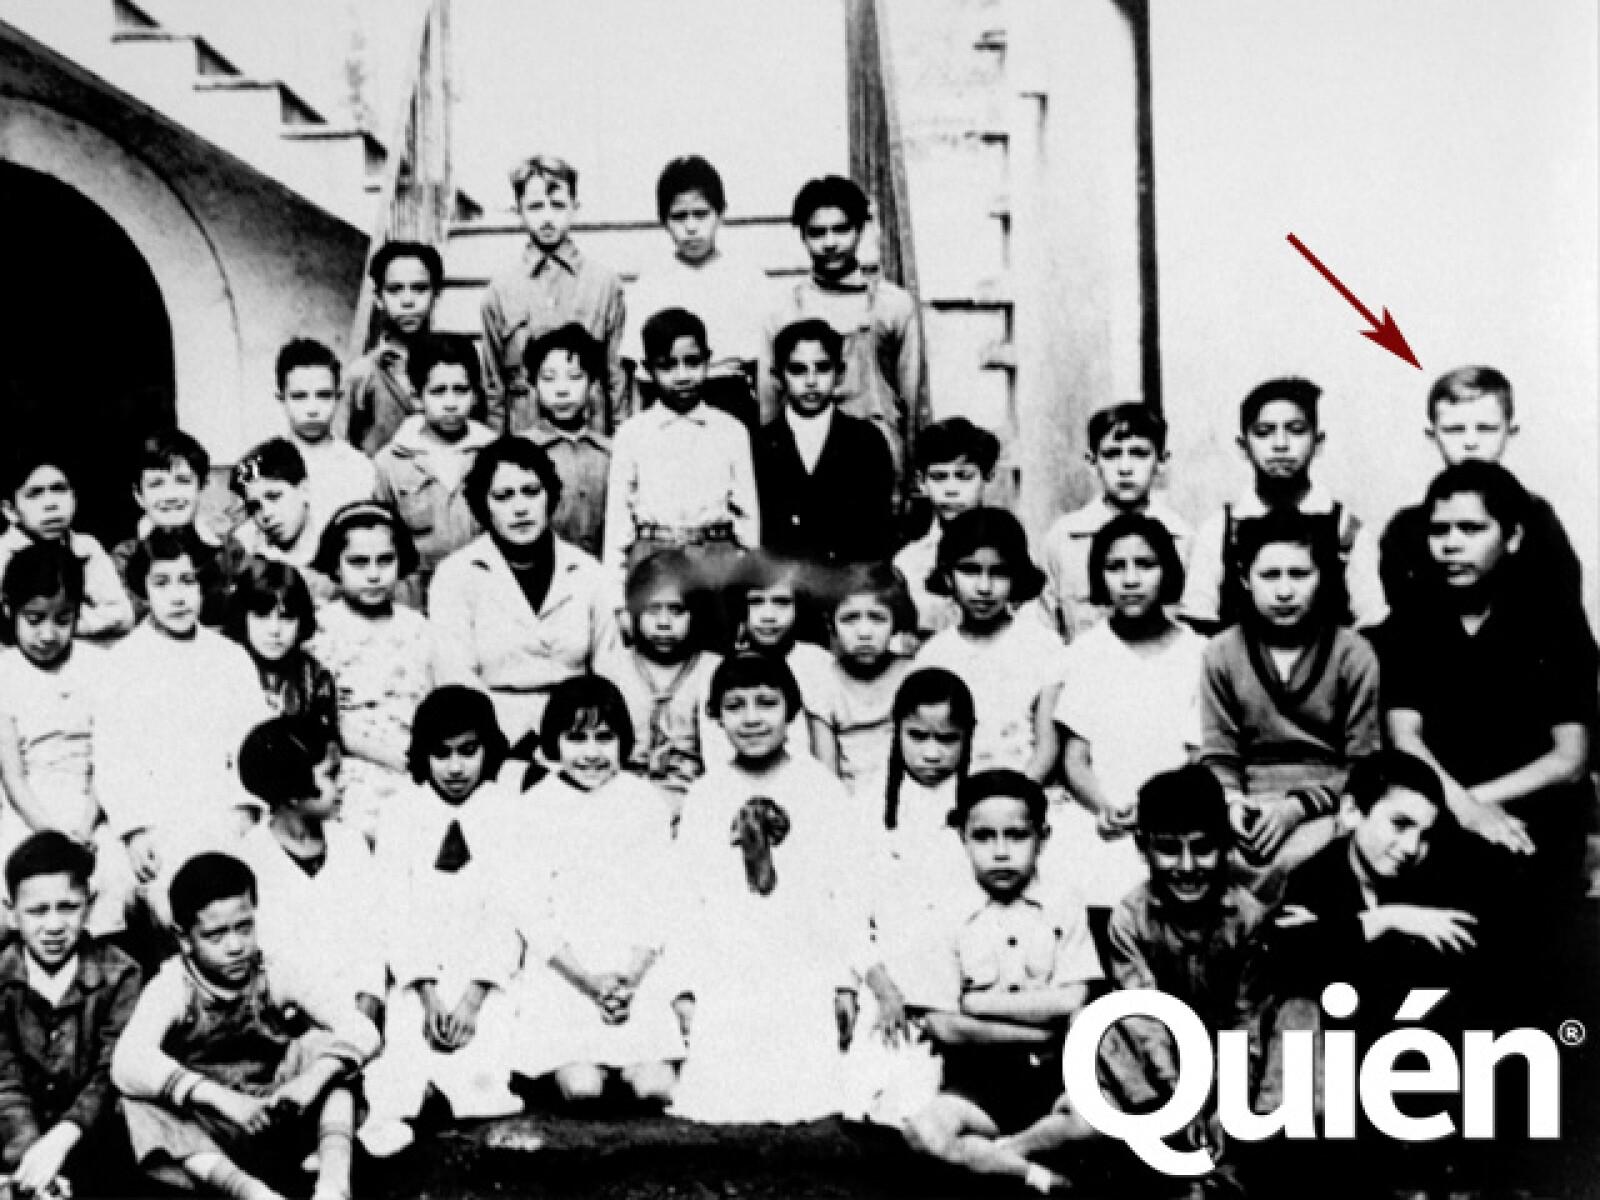 Zabludovsky en 1938 cuando cursaba el quinto año de primaria en la escuela República de Perú M24-24, en el centro de la ciudad de México.